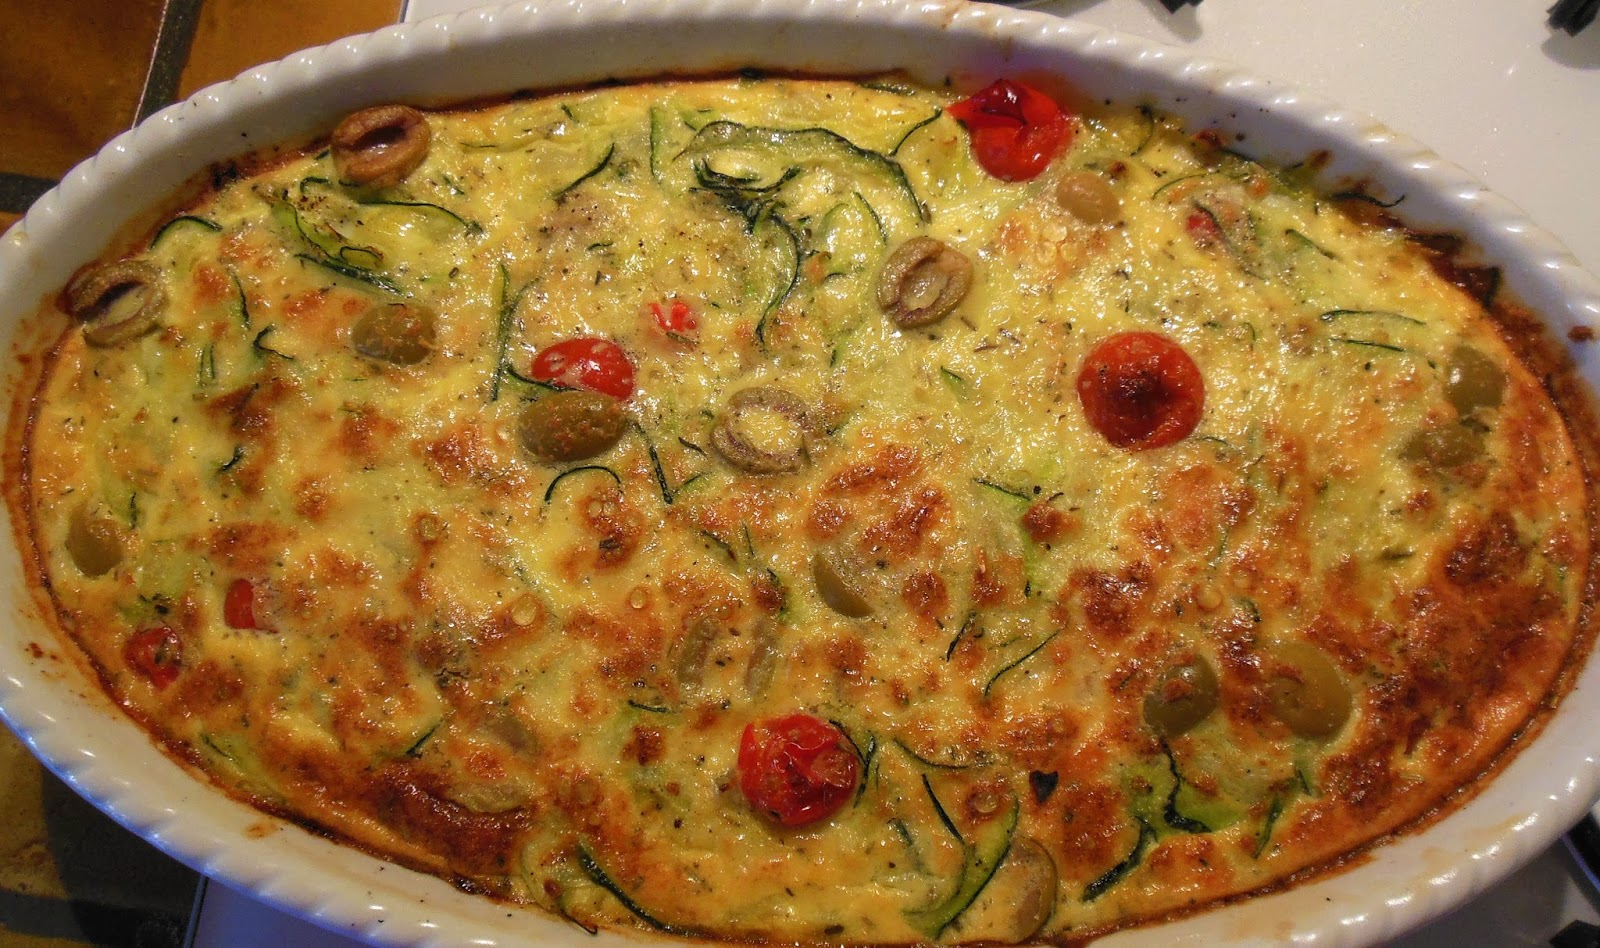 Cuisine de provence clafoutis proven al - French provincial cuisine ...